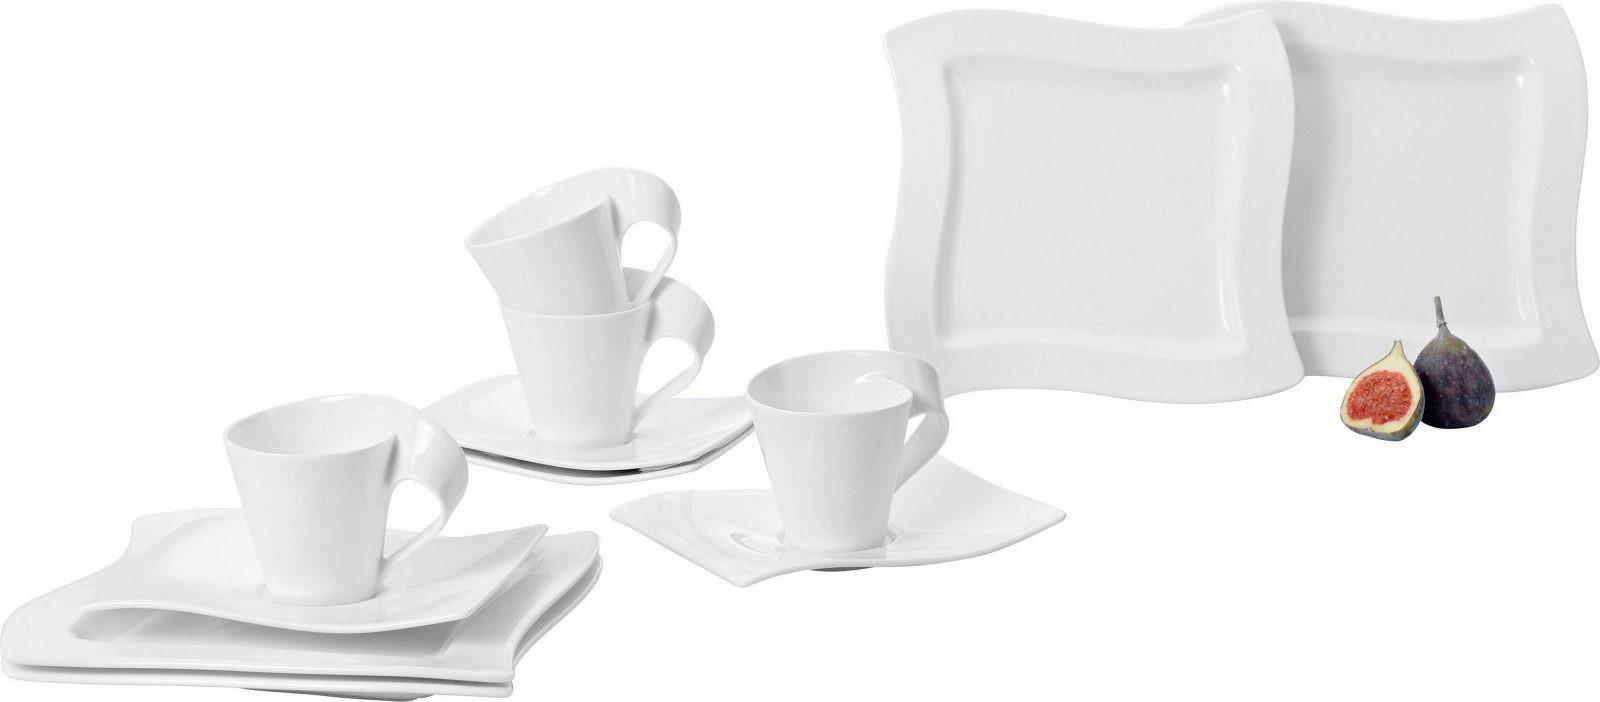 75 Terrific Villeroy Und Boch Geschirr Set  Küche Ideen von Villeroy Und Boch Geschirr Basic White Bild